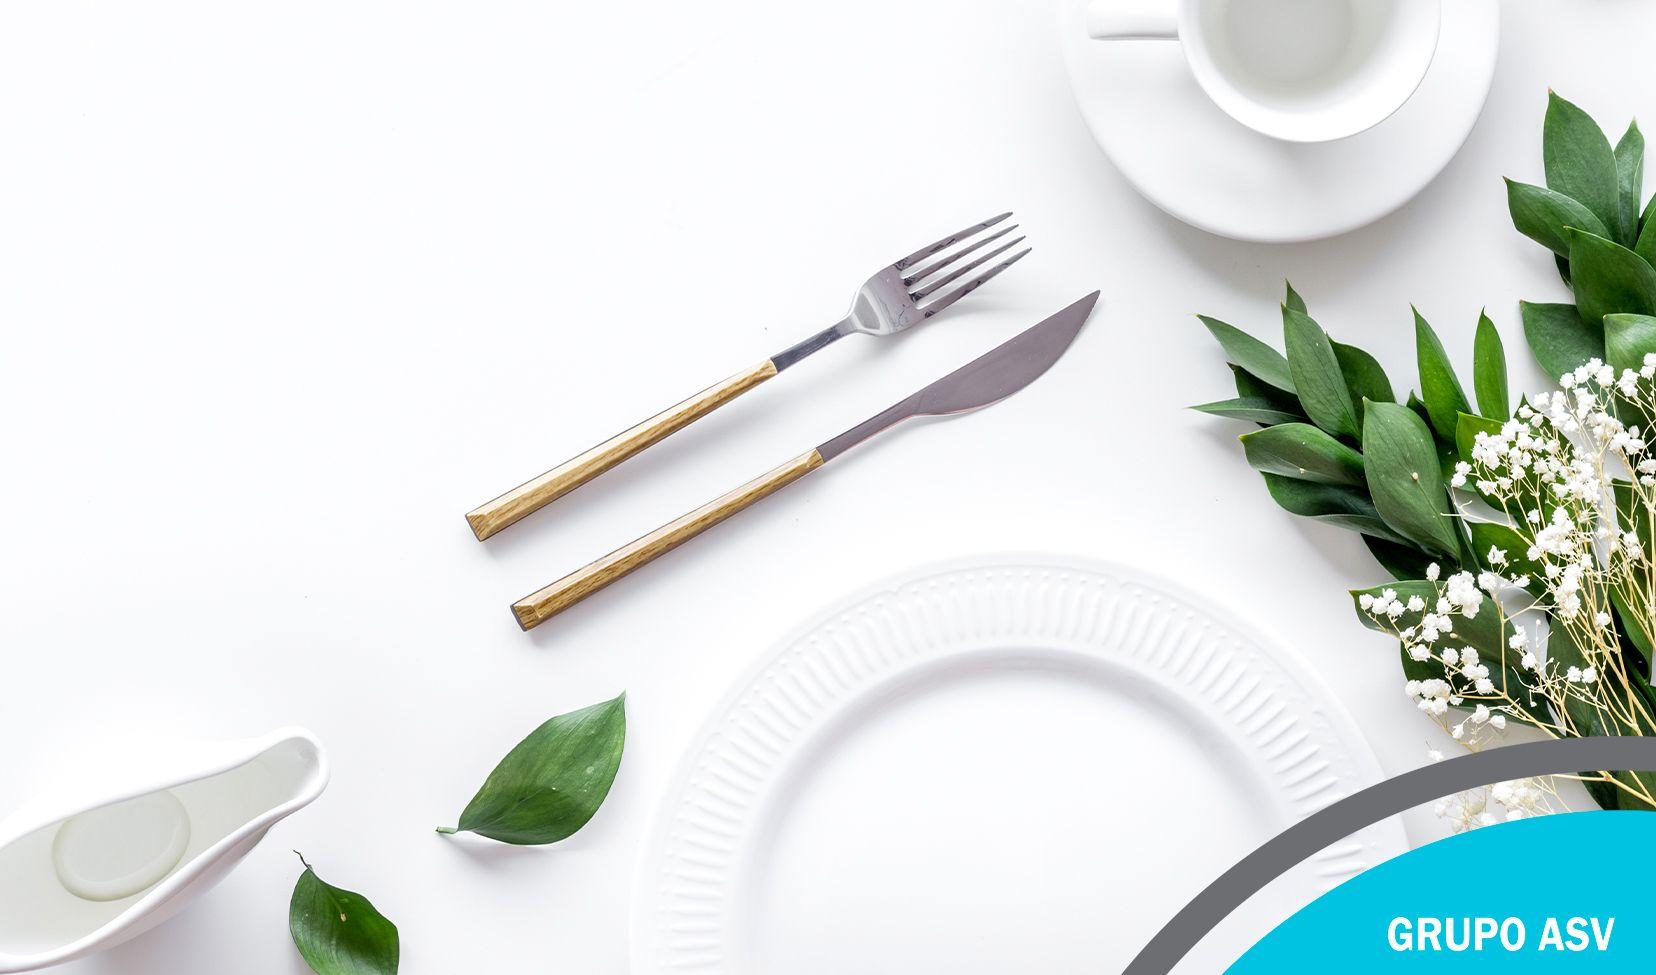 Banquetes: una manera de agradecer el apoyo en el duelo.